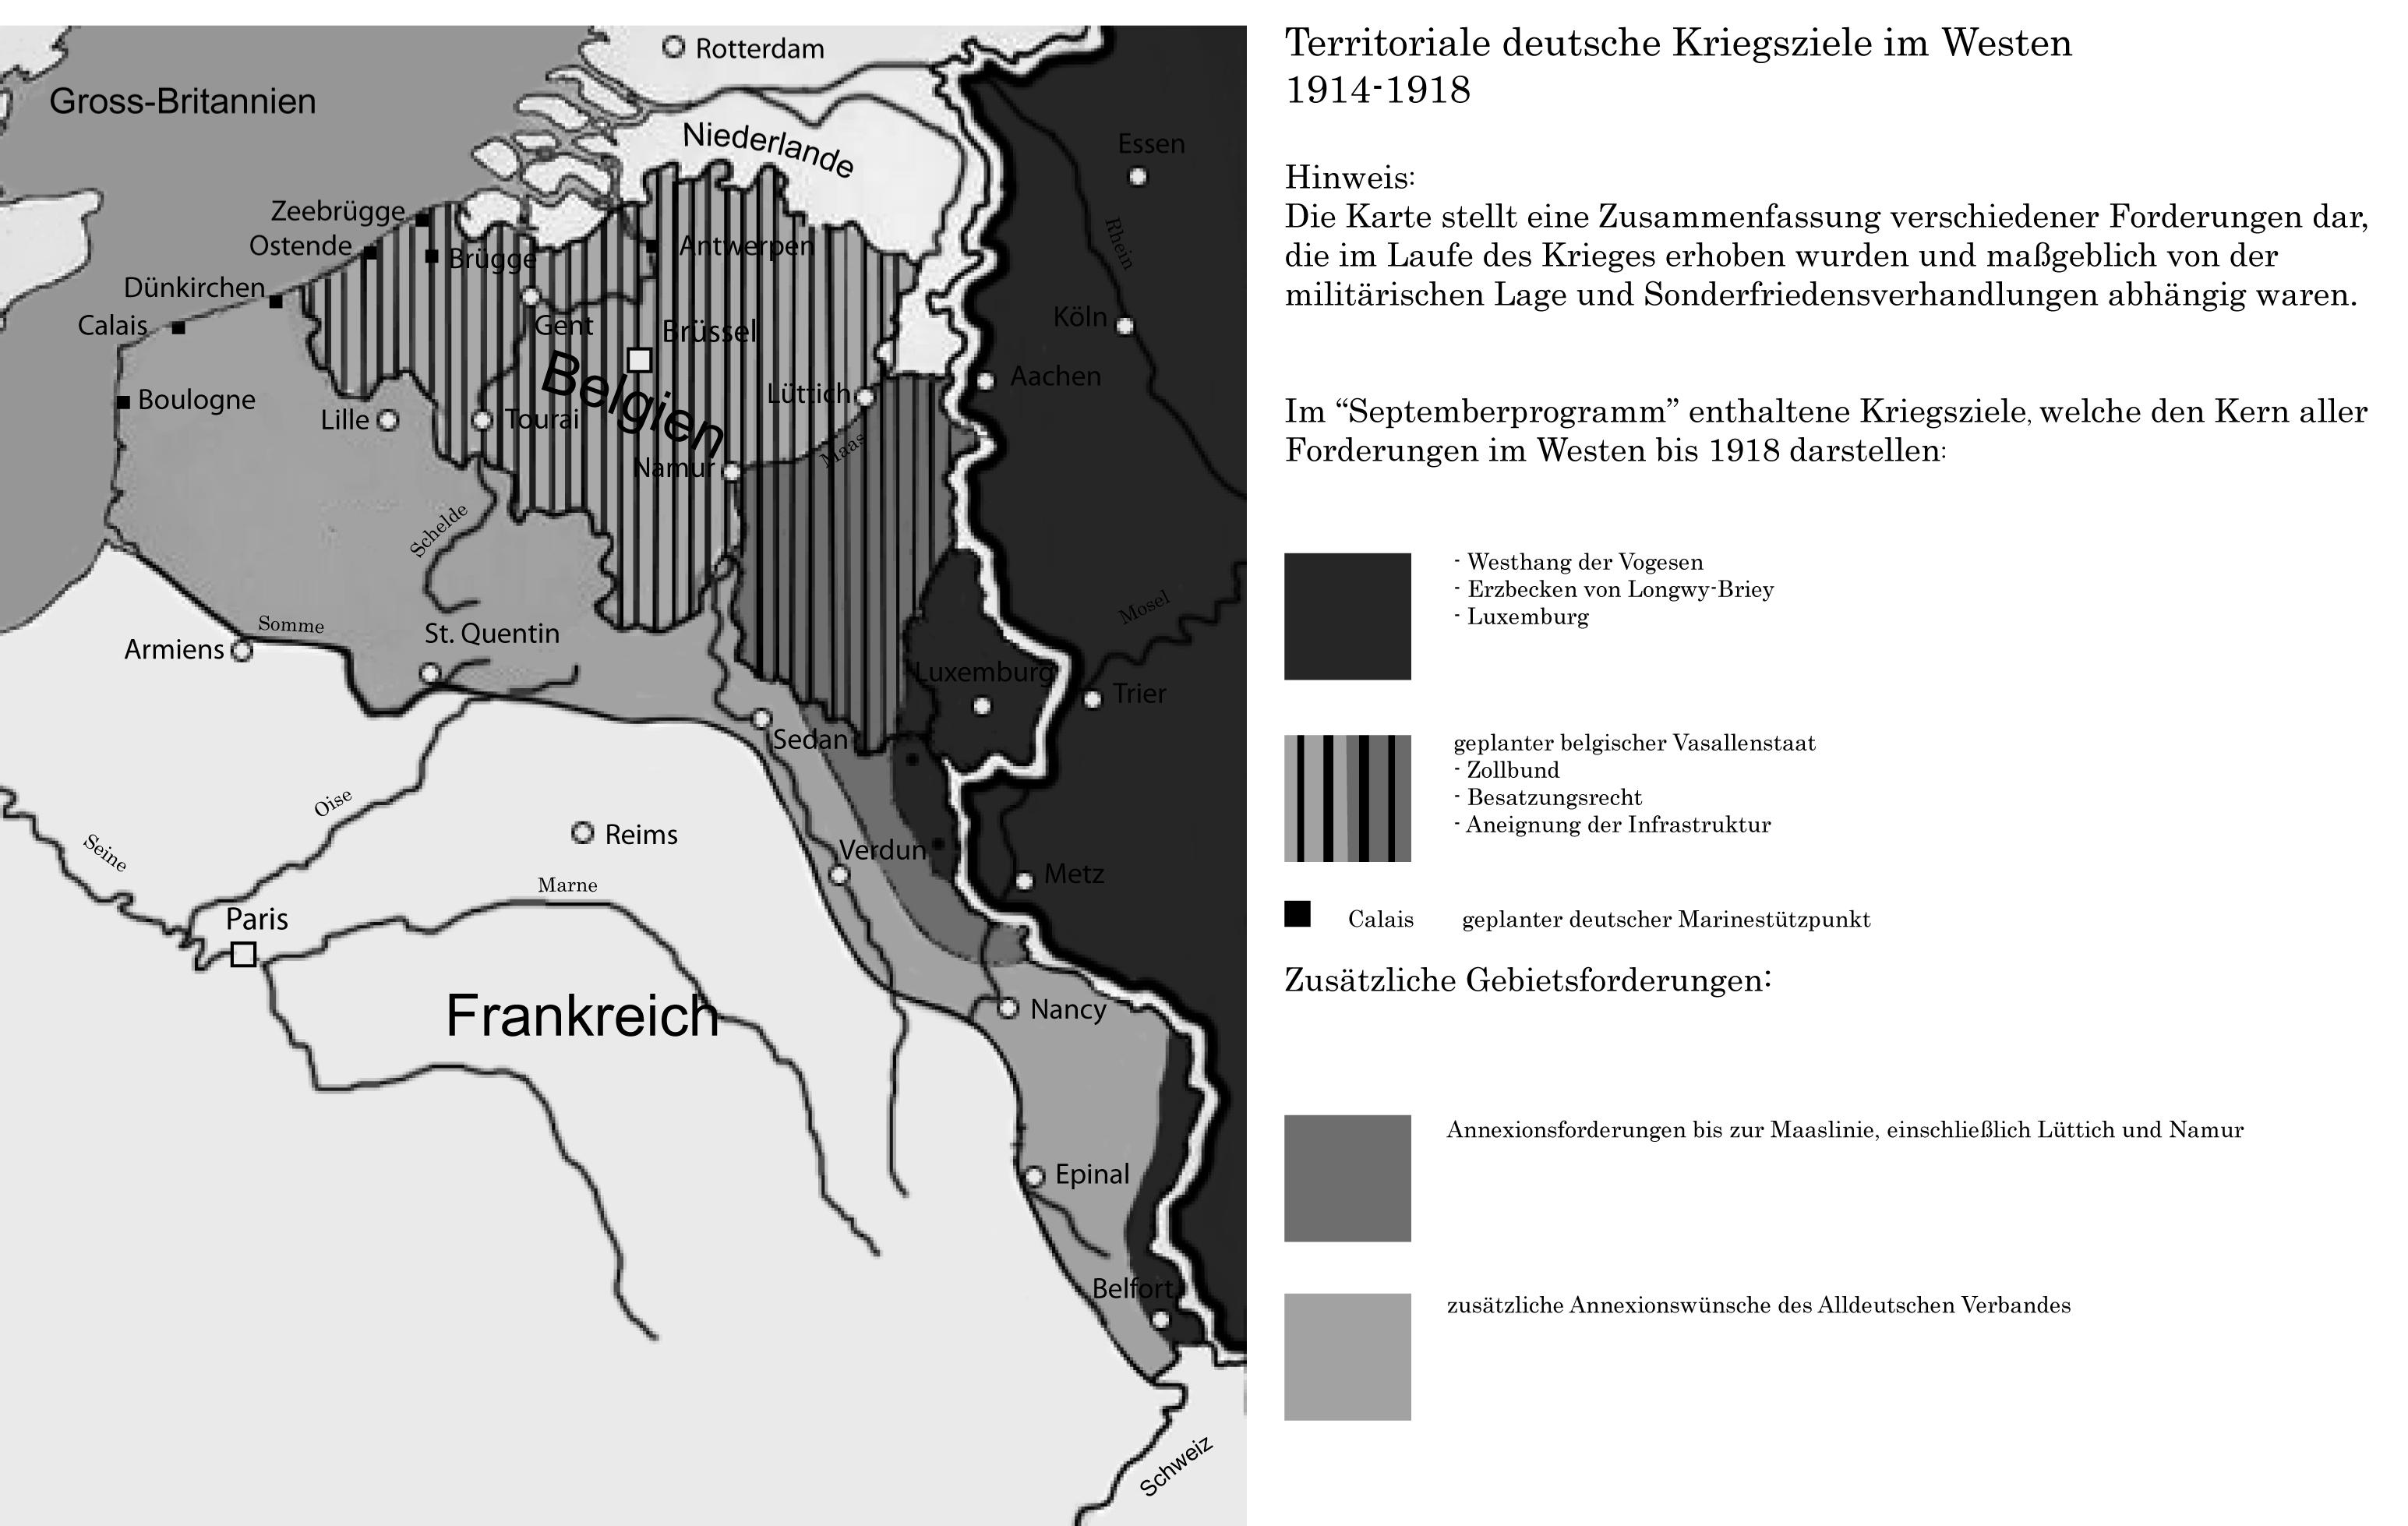 Deutsche Kriegsziele im Westen